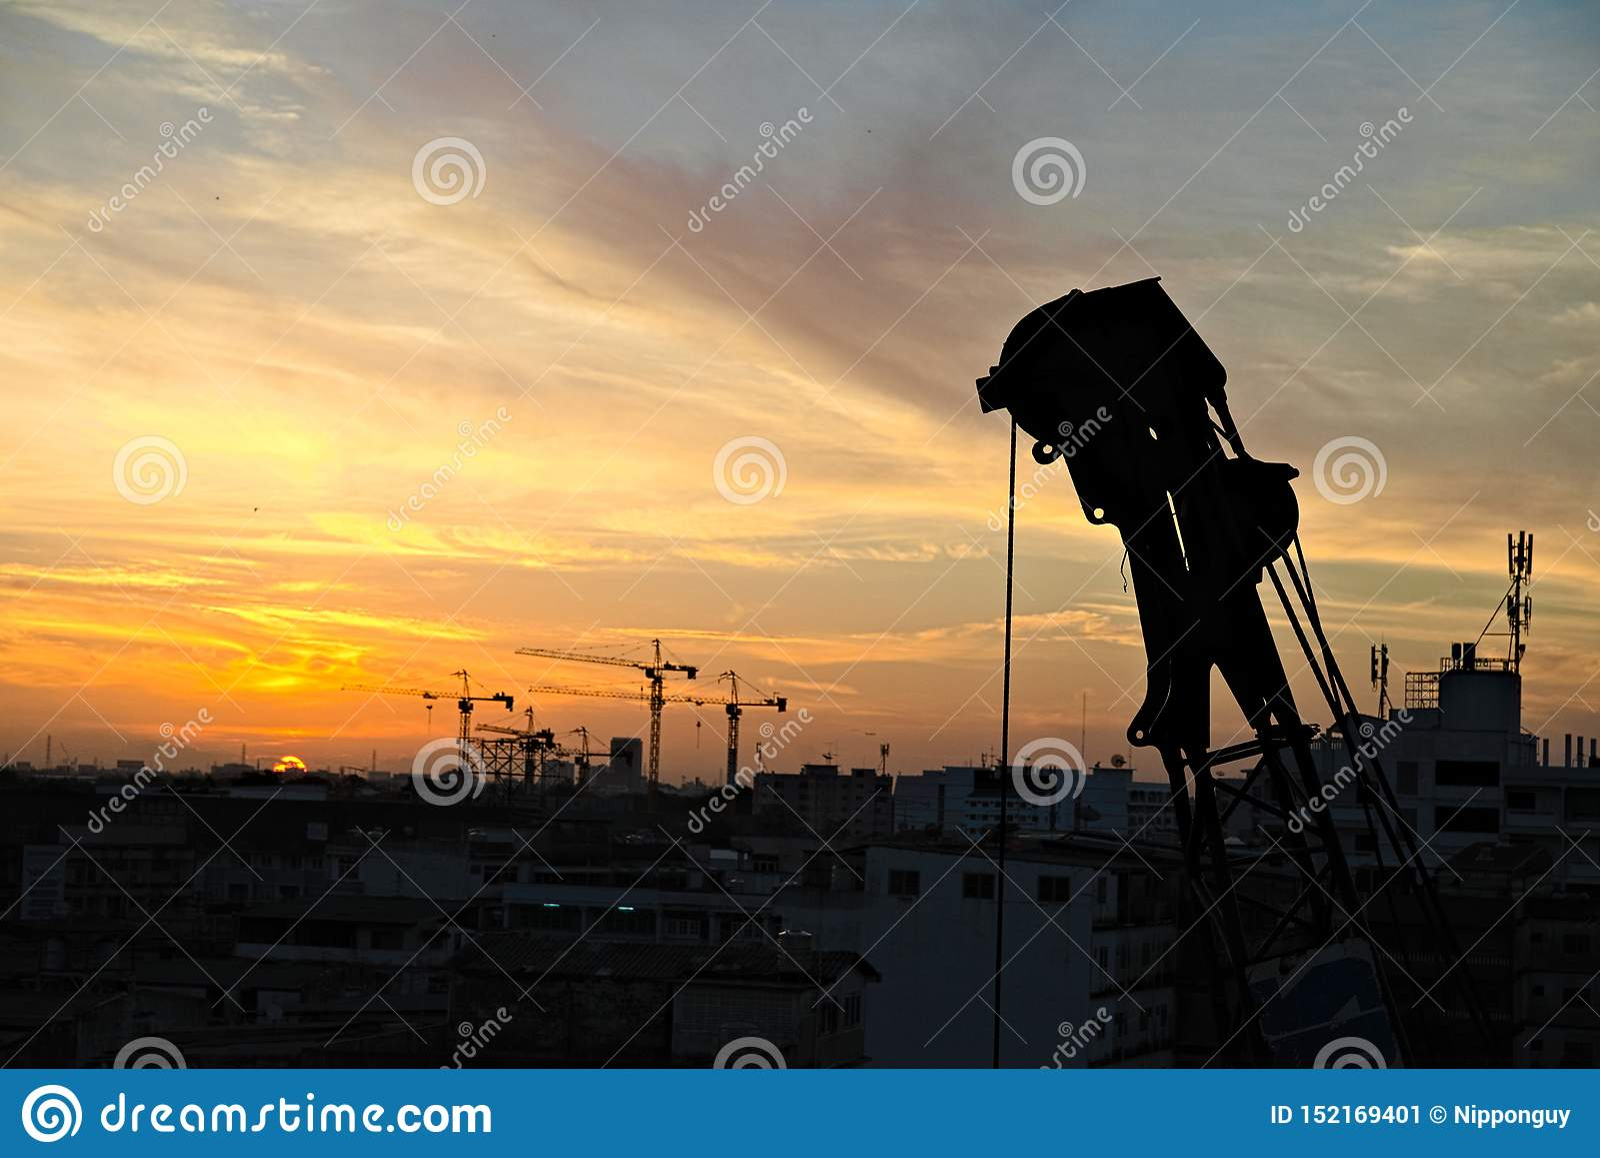 Guindaste pronto para trabalhar após o nascer do sol